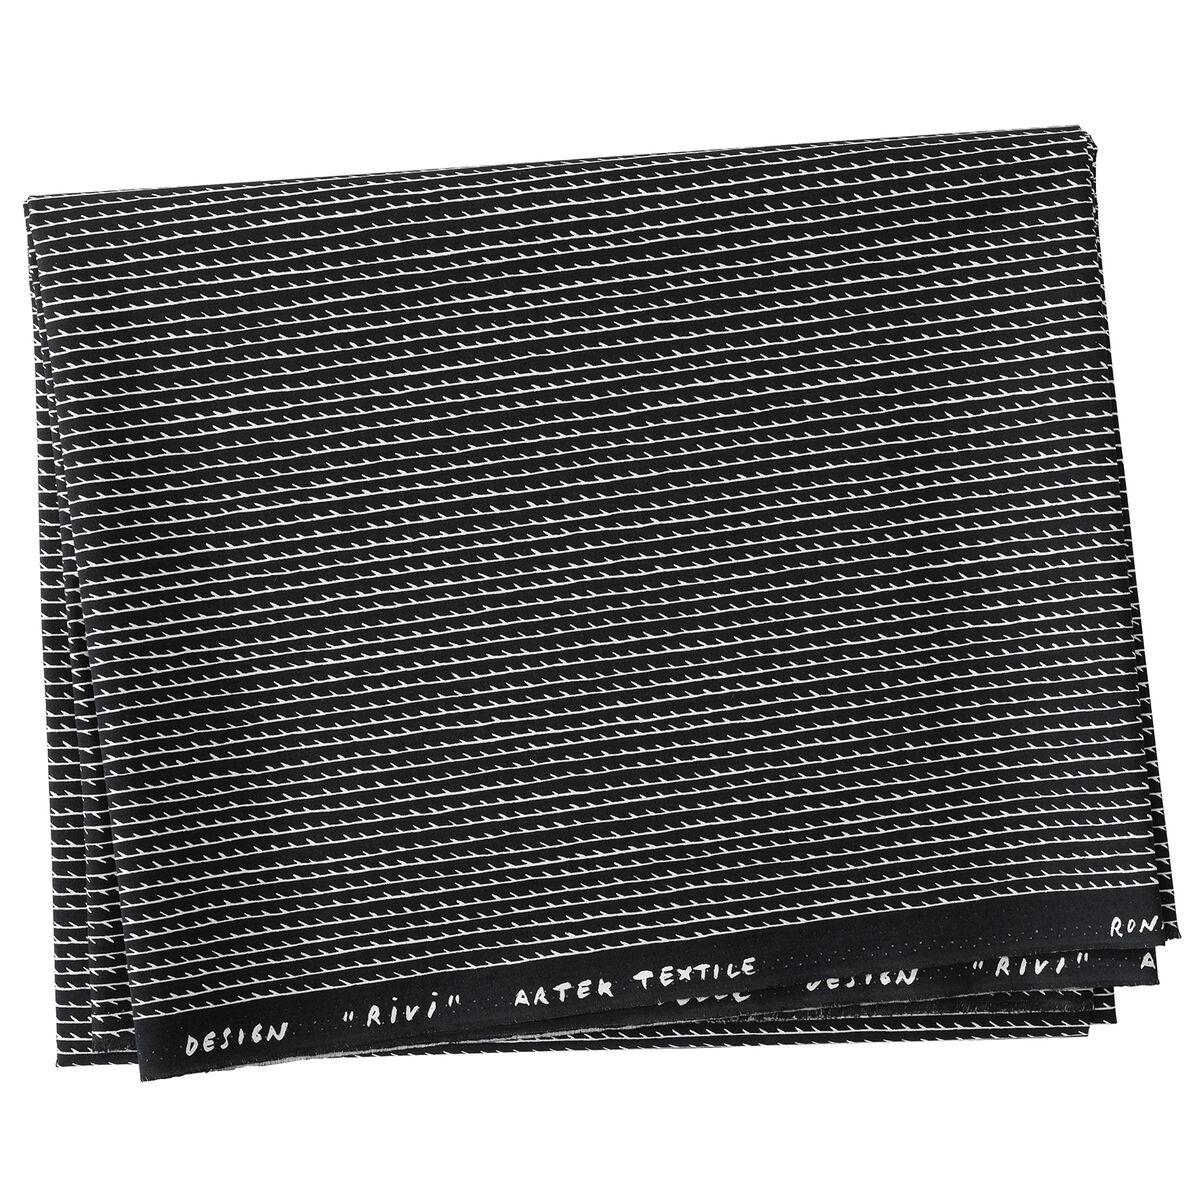 Artek Rivi canvas puuvillakangas 150 x 300 cm, musta-valkoinen